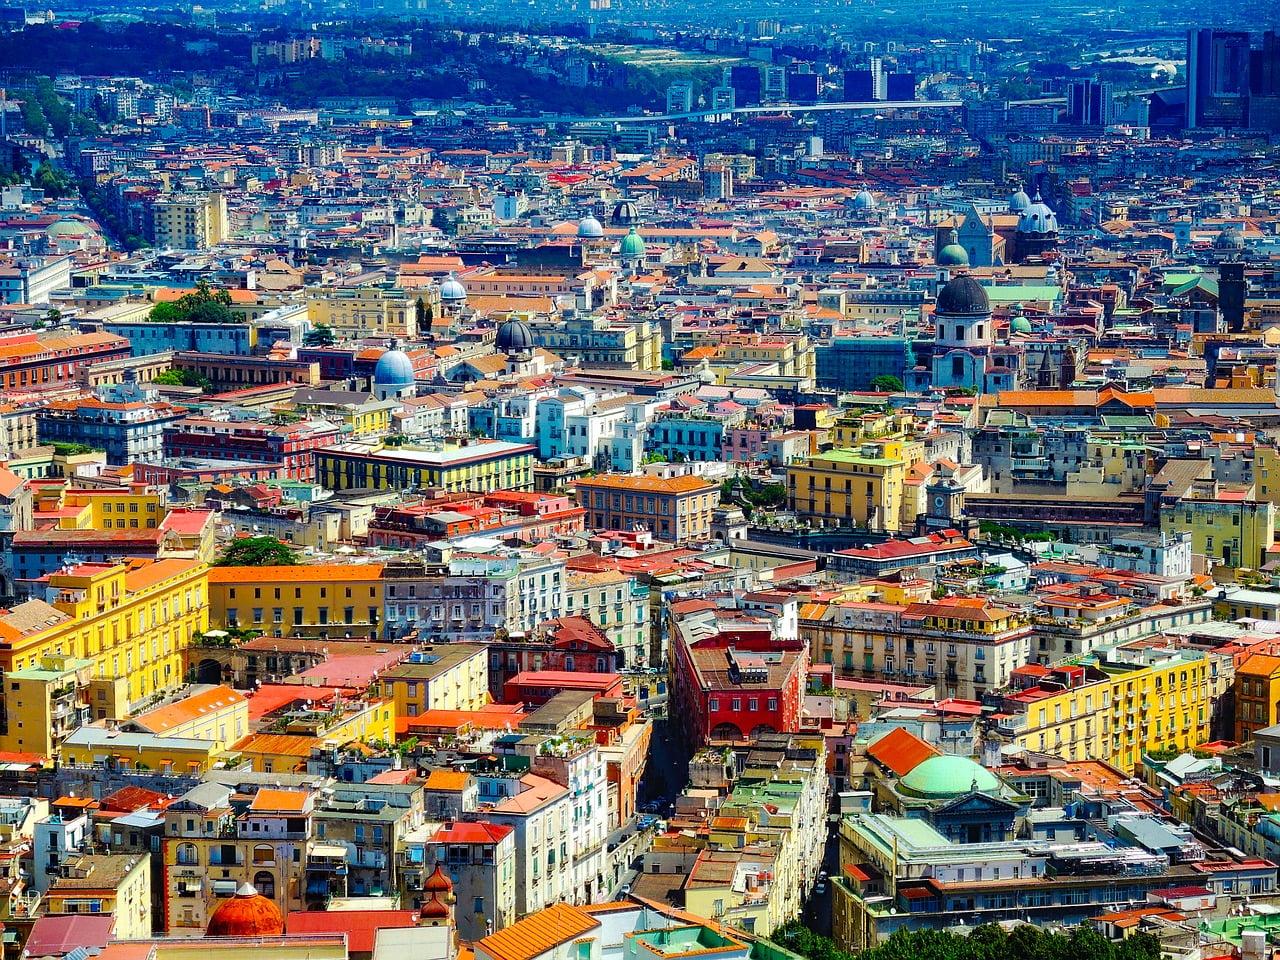 Naples, Italy - photo by David Mark under Pixabay License